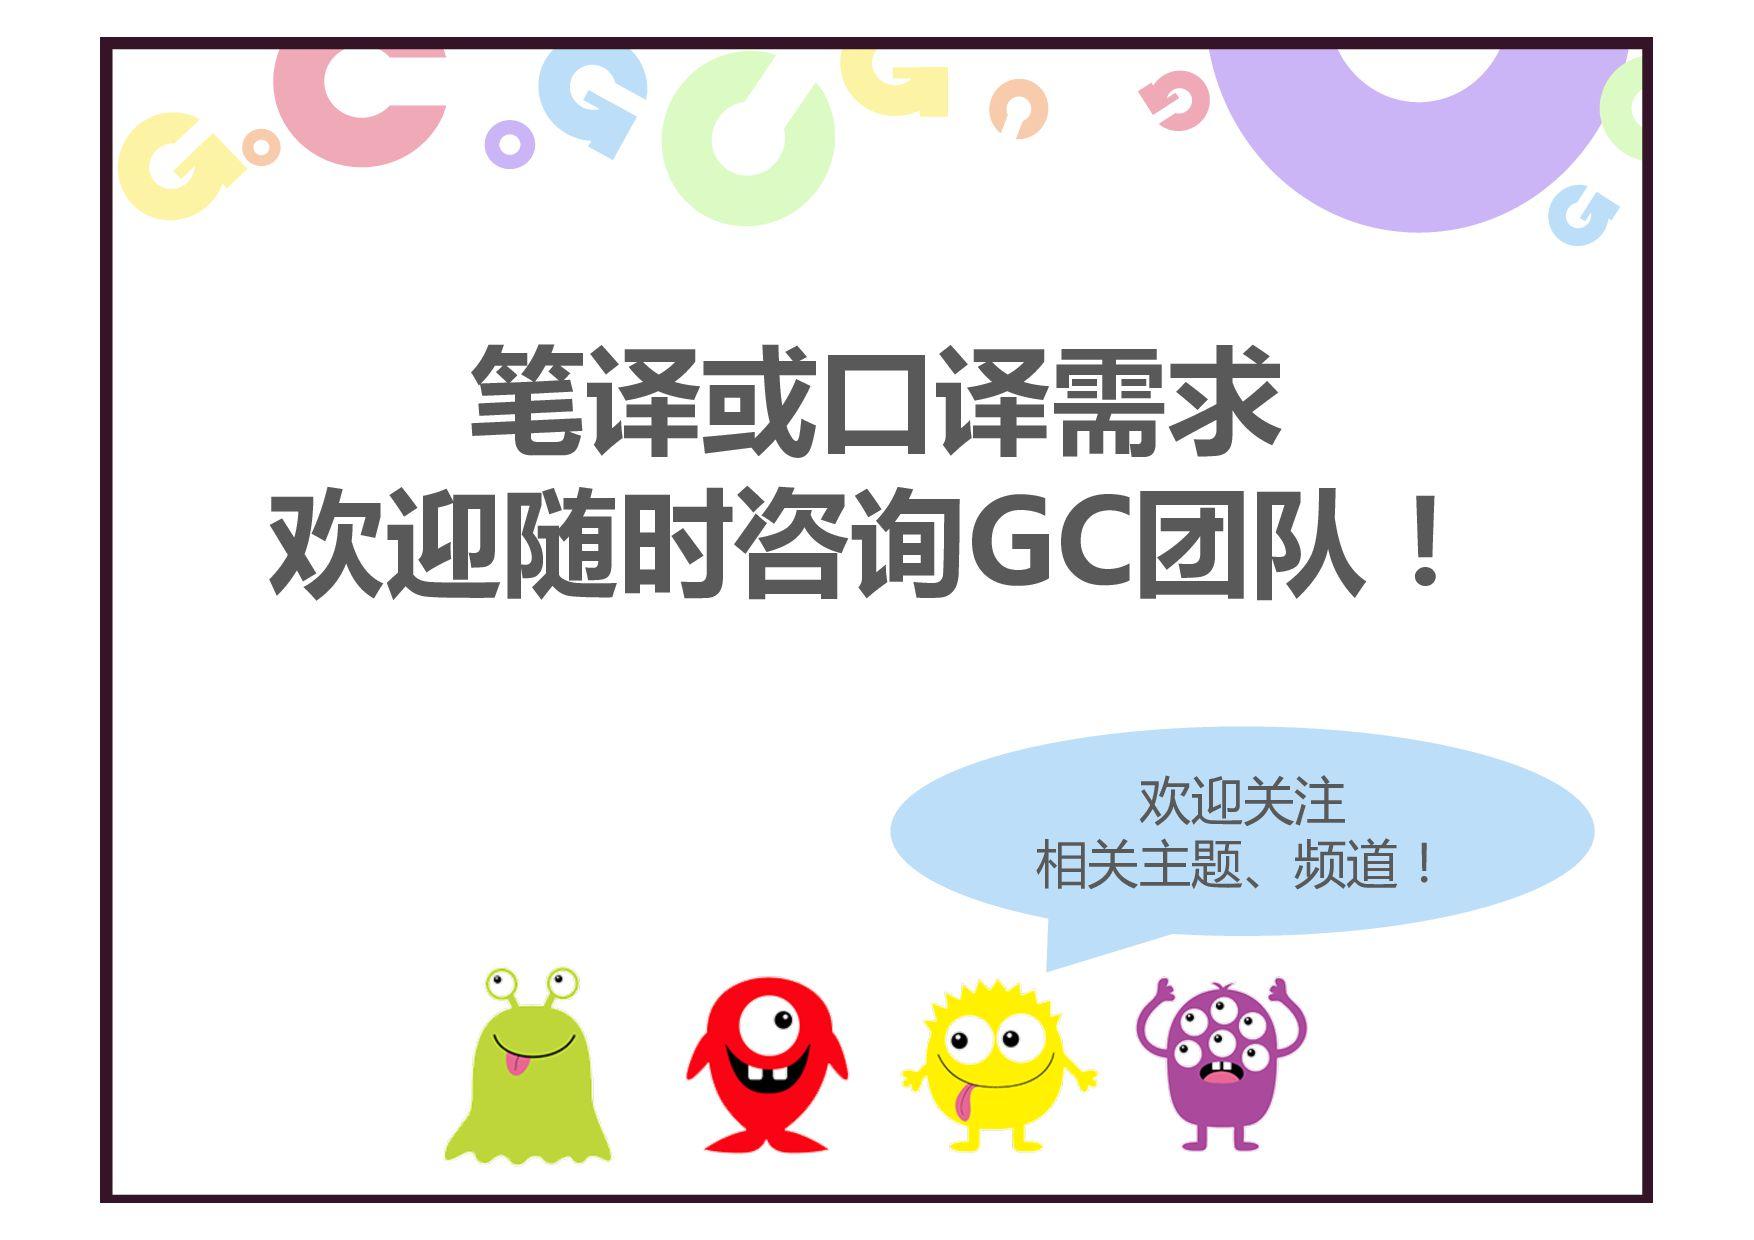 欢迎关注 相关主题、频道! 笔译或口译需求 欢迎随时咨询GC团队!